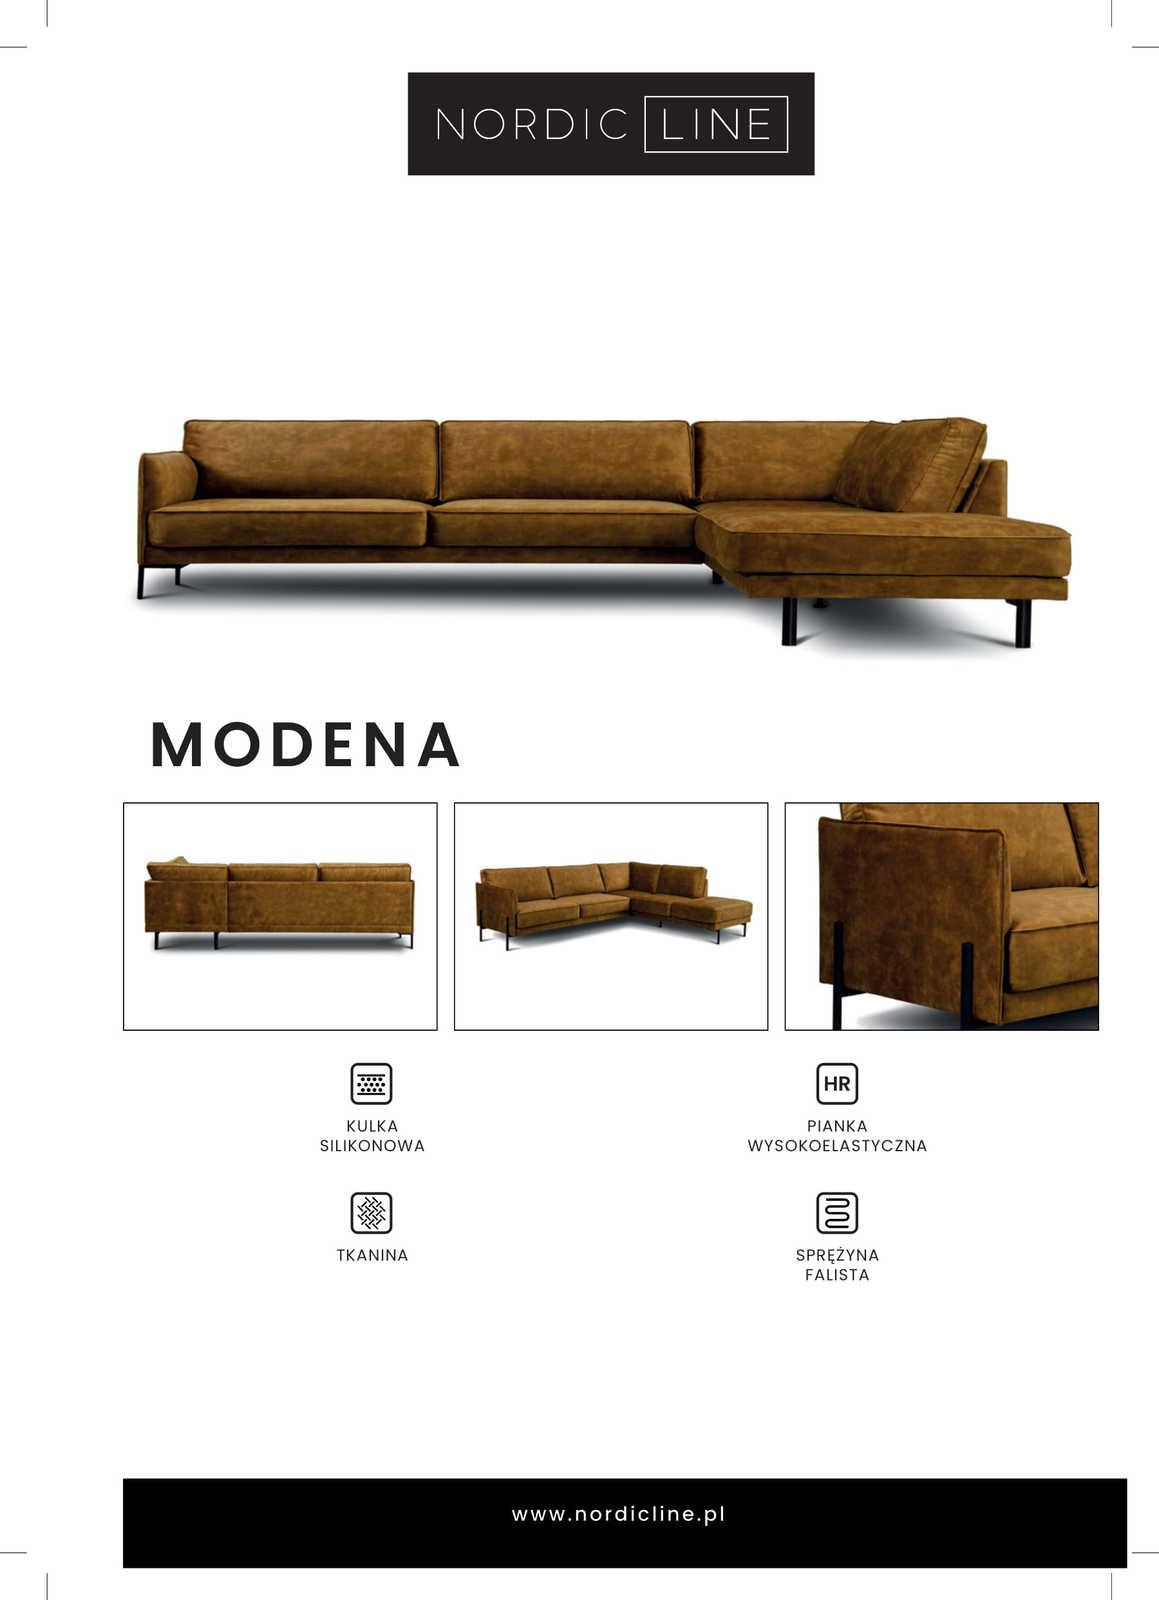 Modena(krzywe) 1